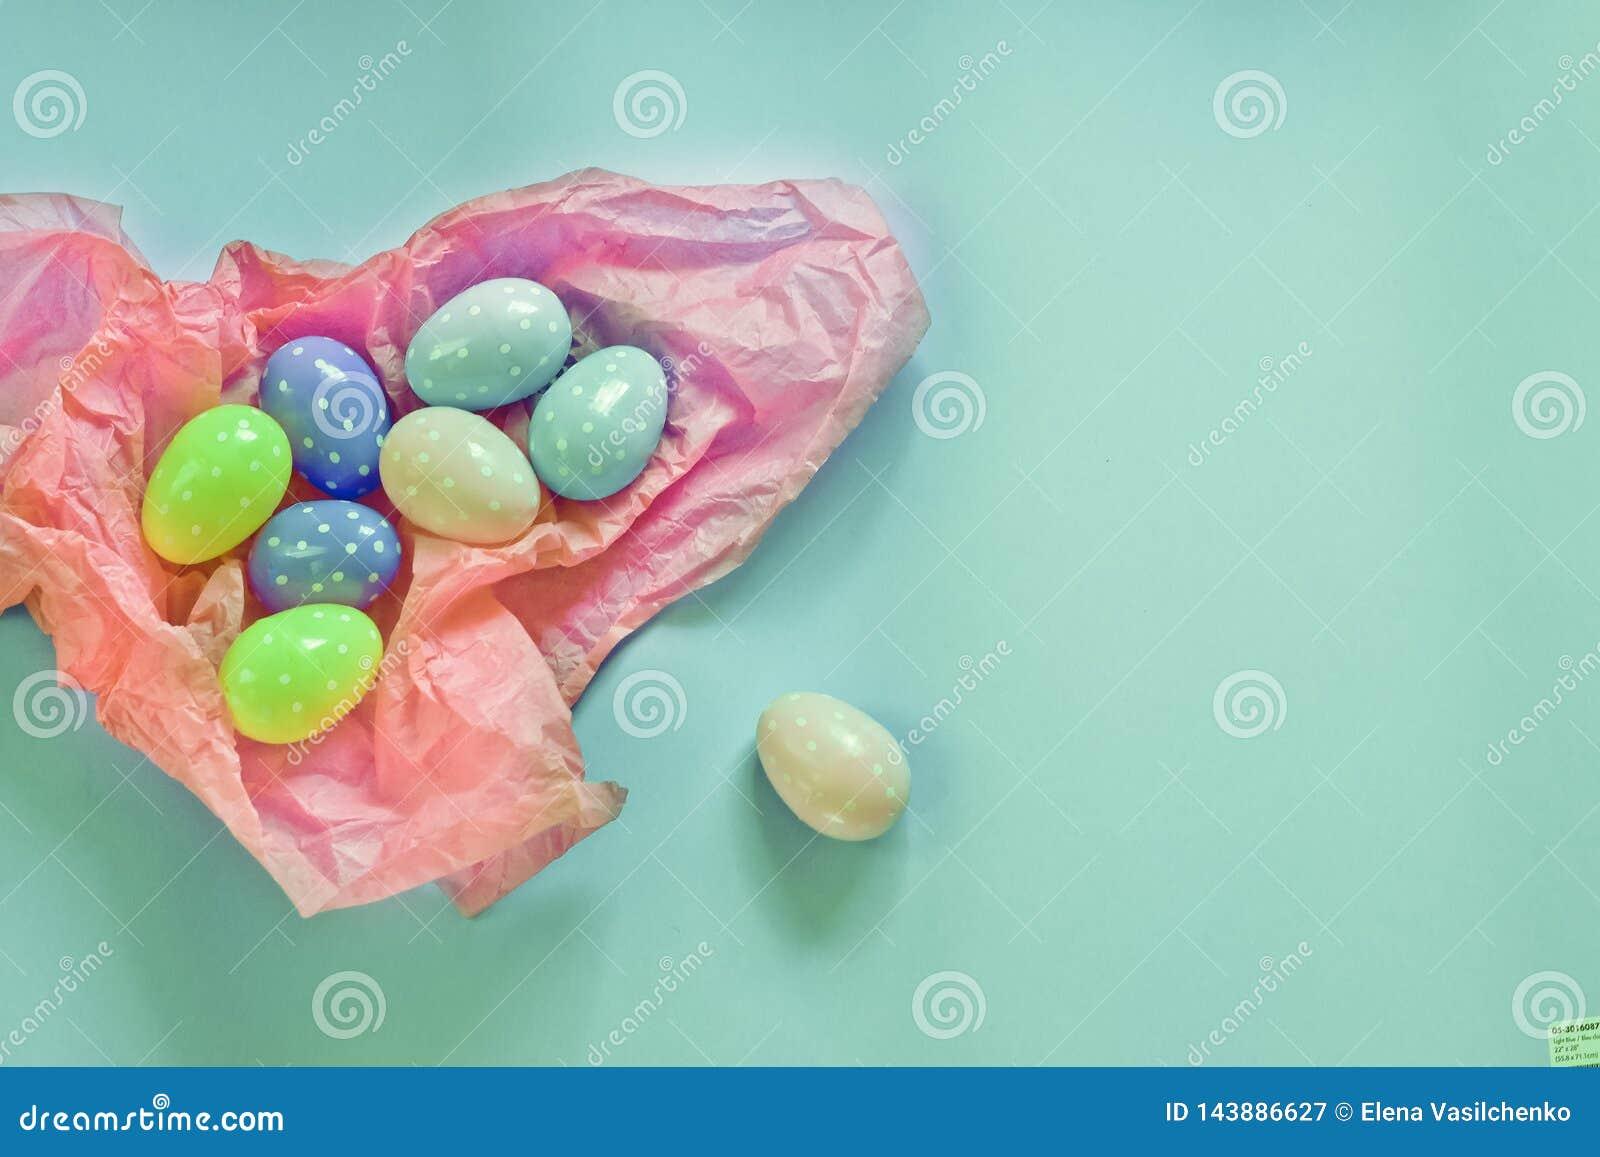 Uova colorate e piccoli mucchi lanuginosi come simbolo di Pasqua uova fatte del foamiran